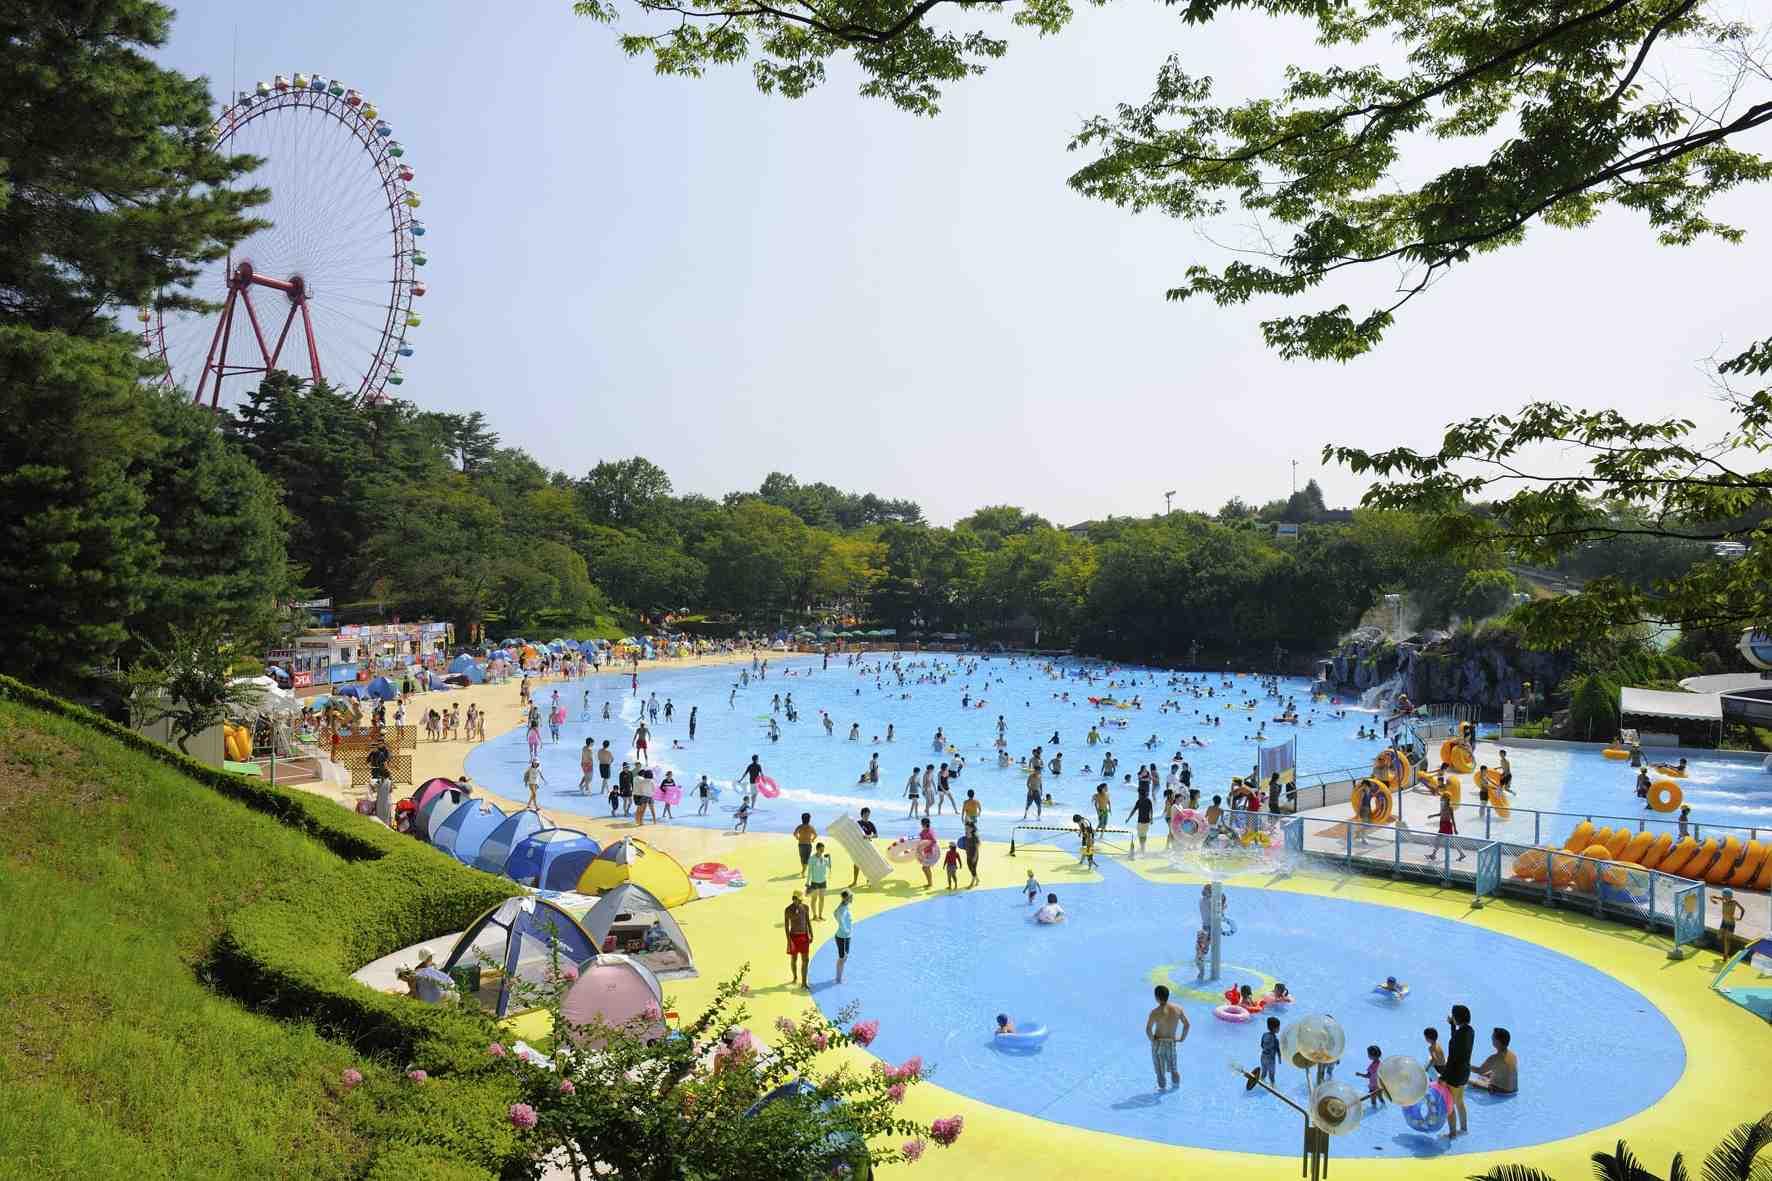 Seibu pool